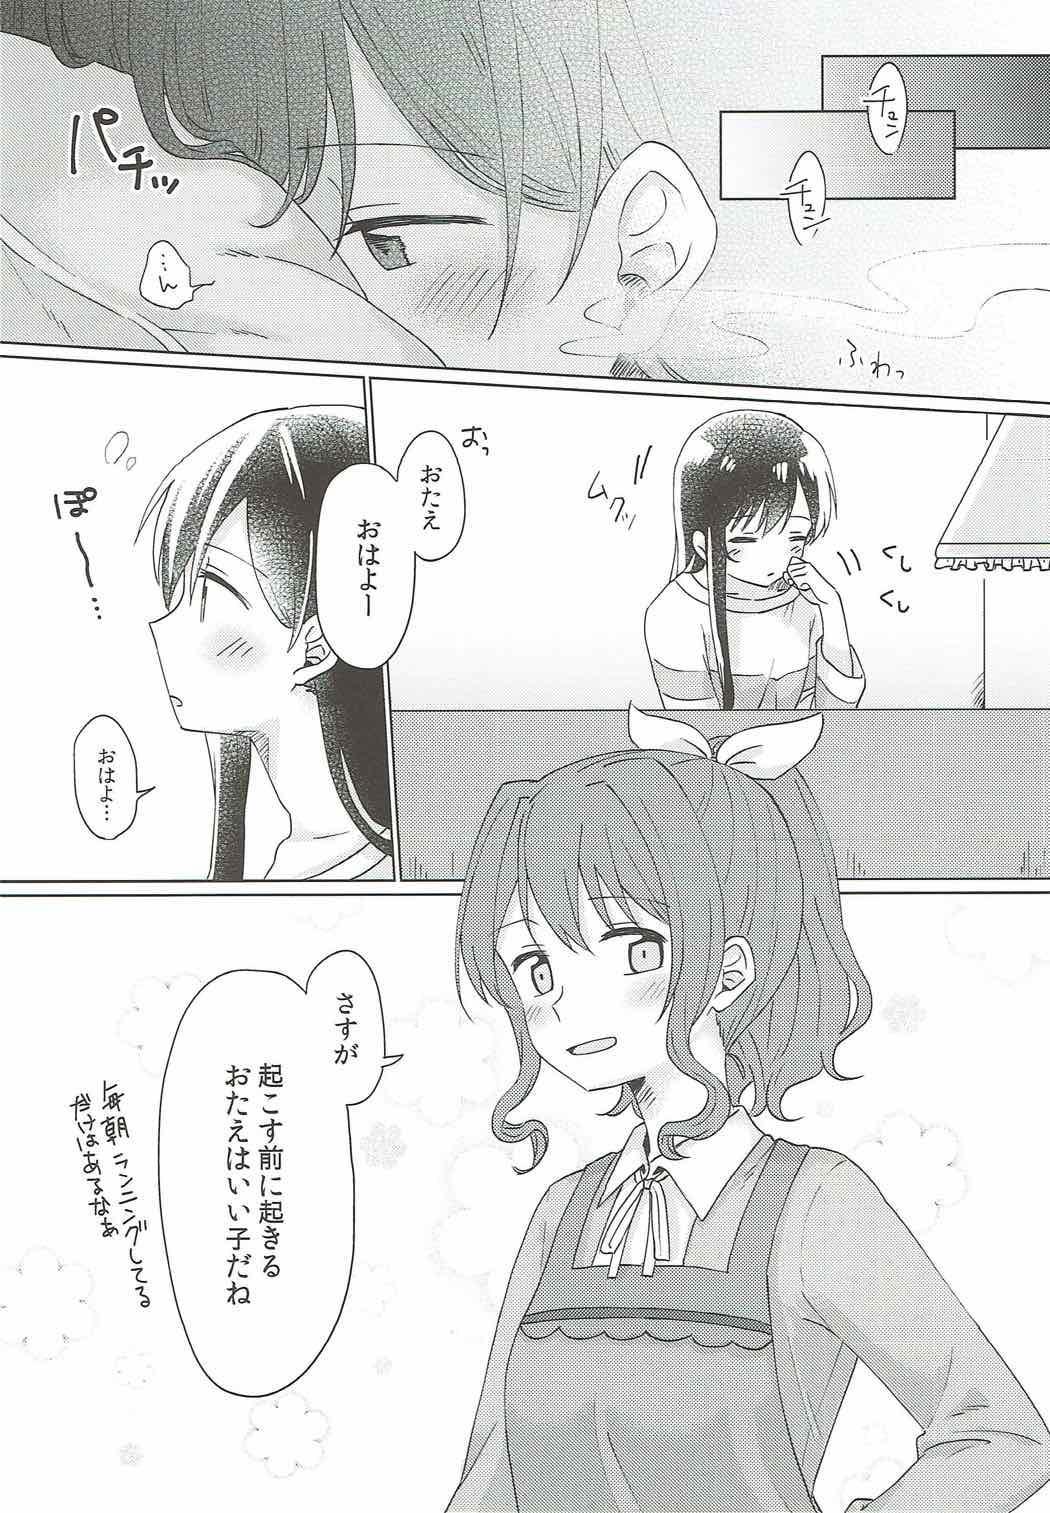 Kyou, Uchi Tomatte Iku? 54